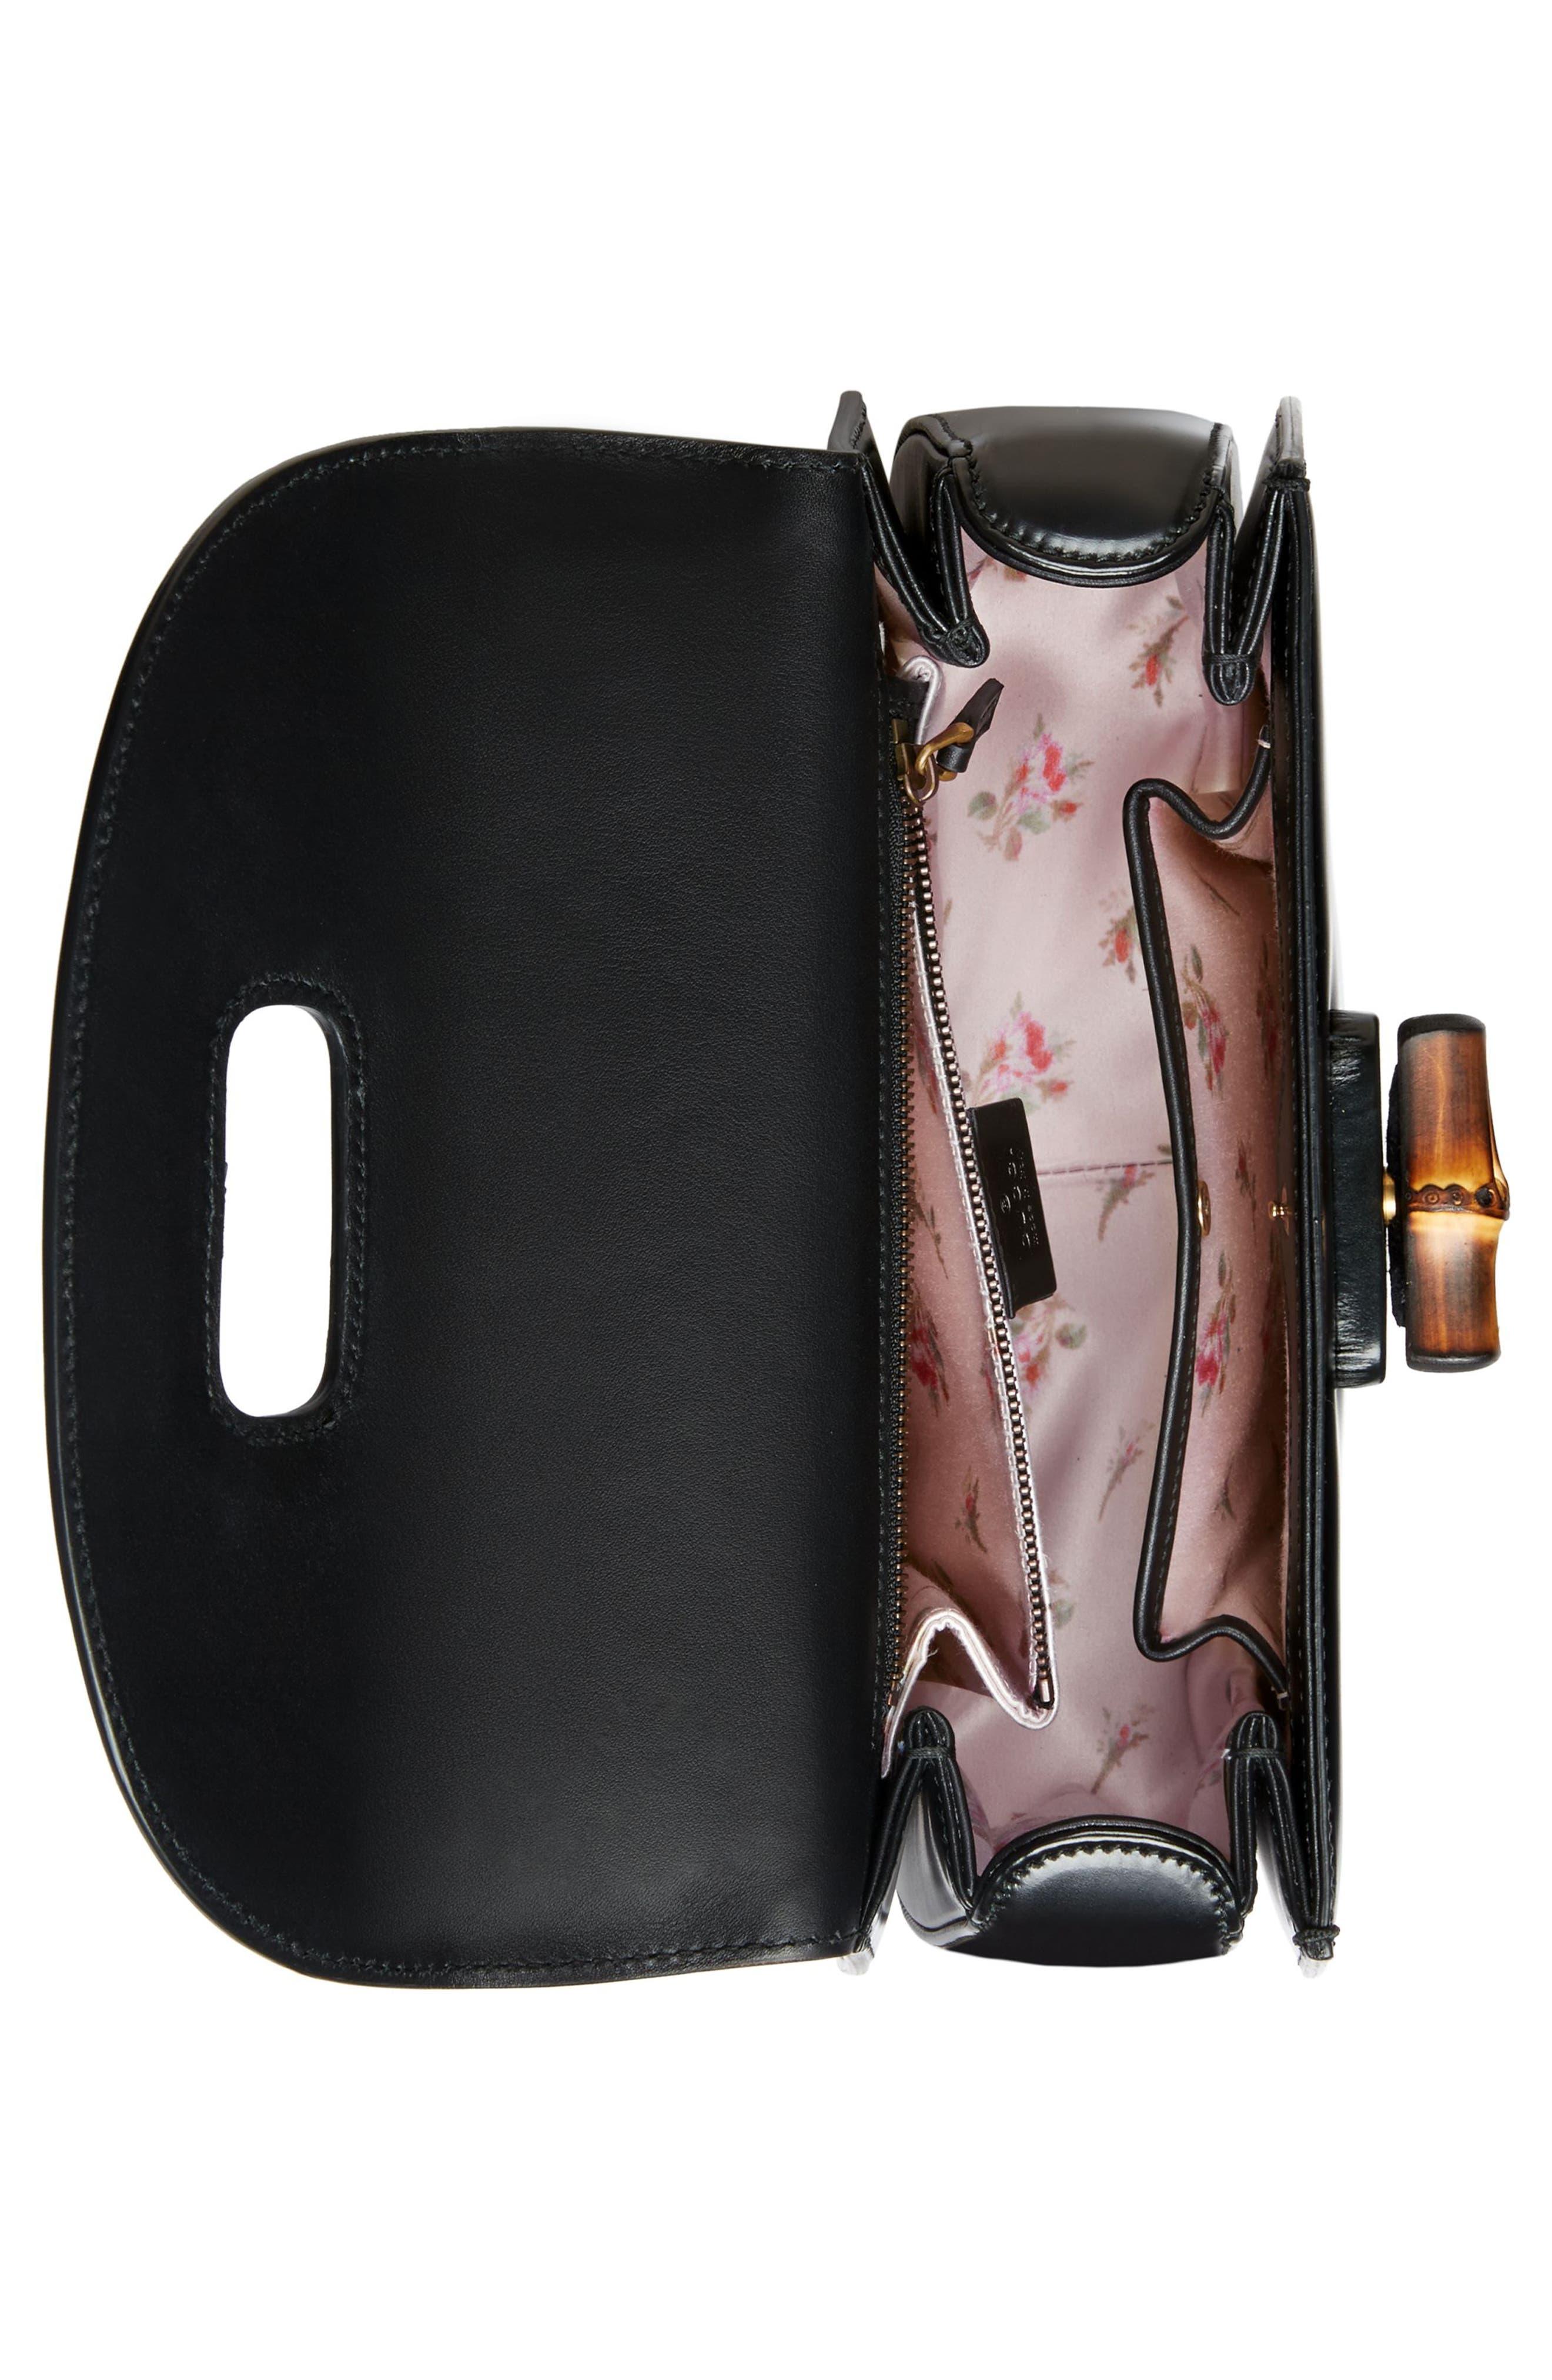 Medium Classic 2 Top Handle Shoulder Bag,                             Alternate thumbnail 3, color,                             NERO/ ROSE CRYSTAL